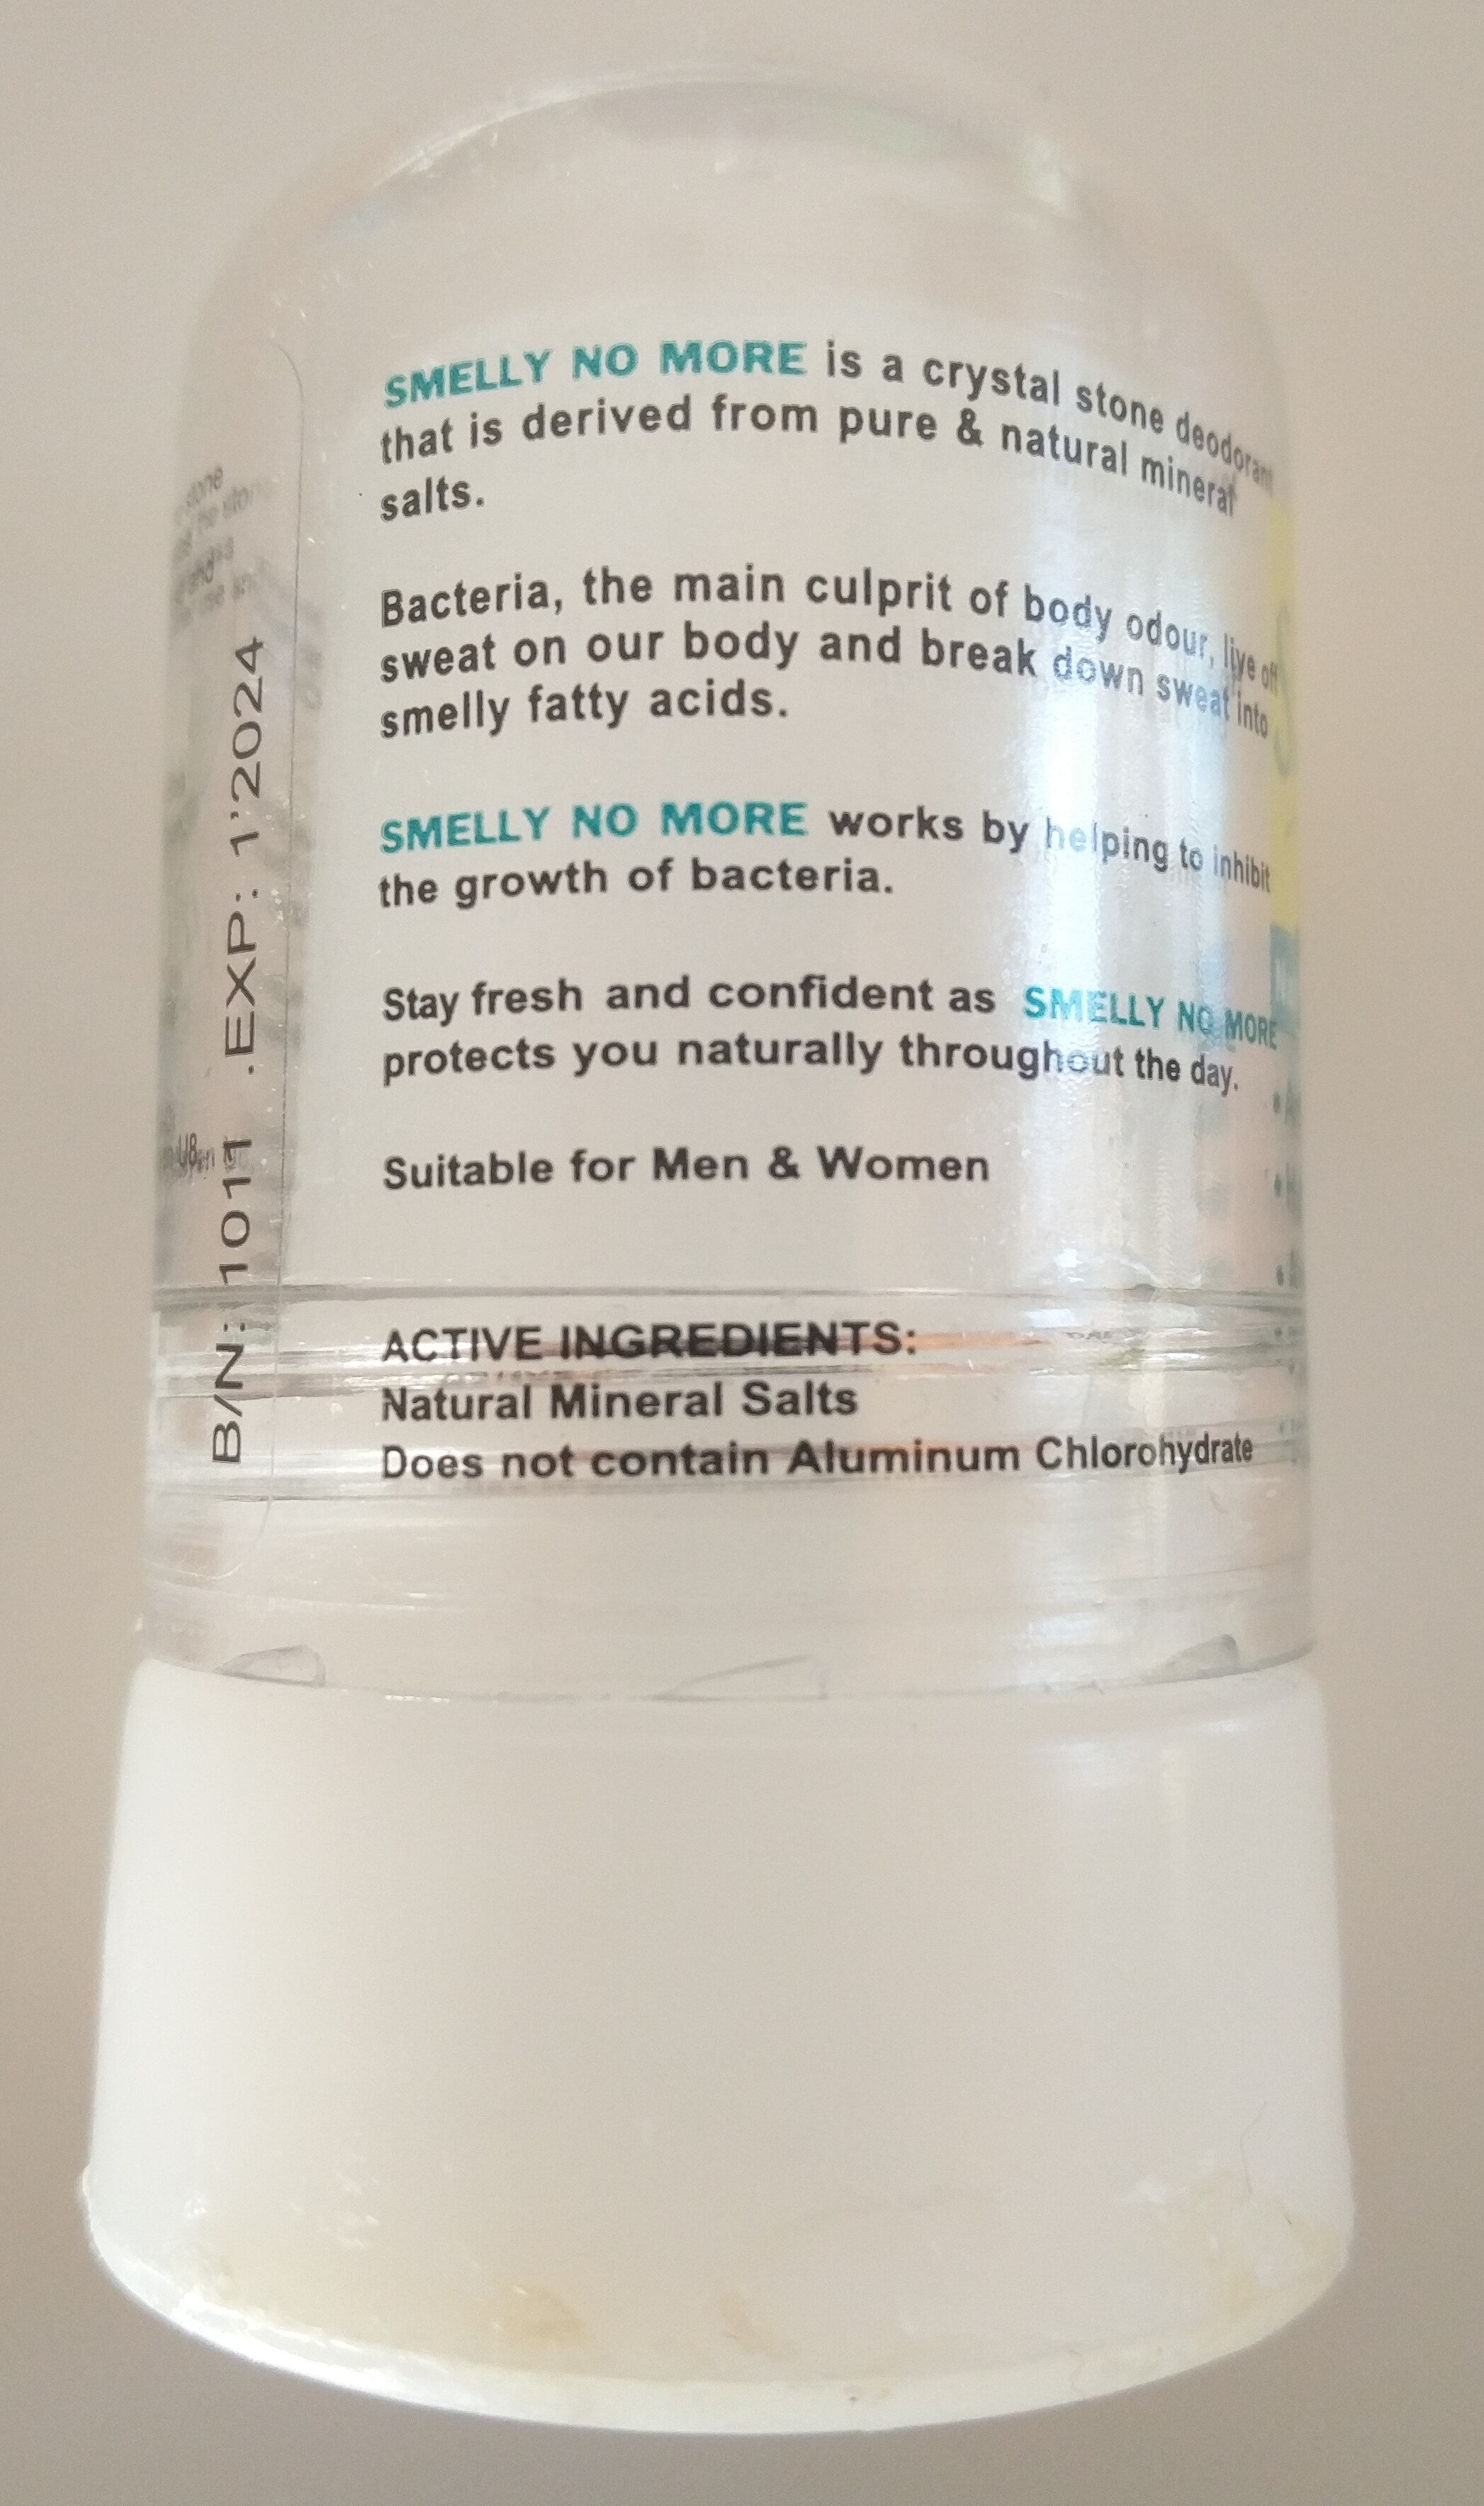 Smelly-No-More - Ingredients - en